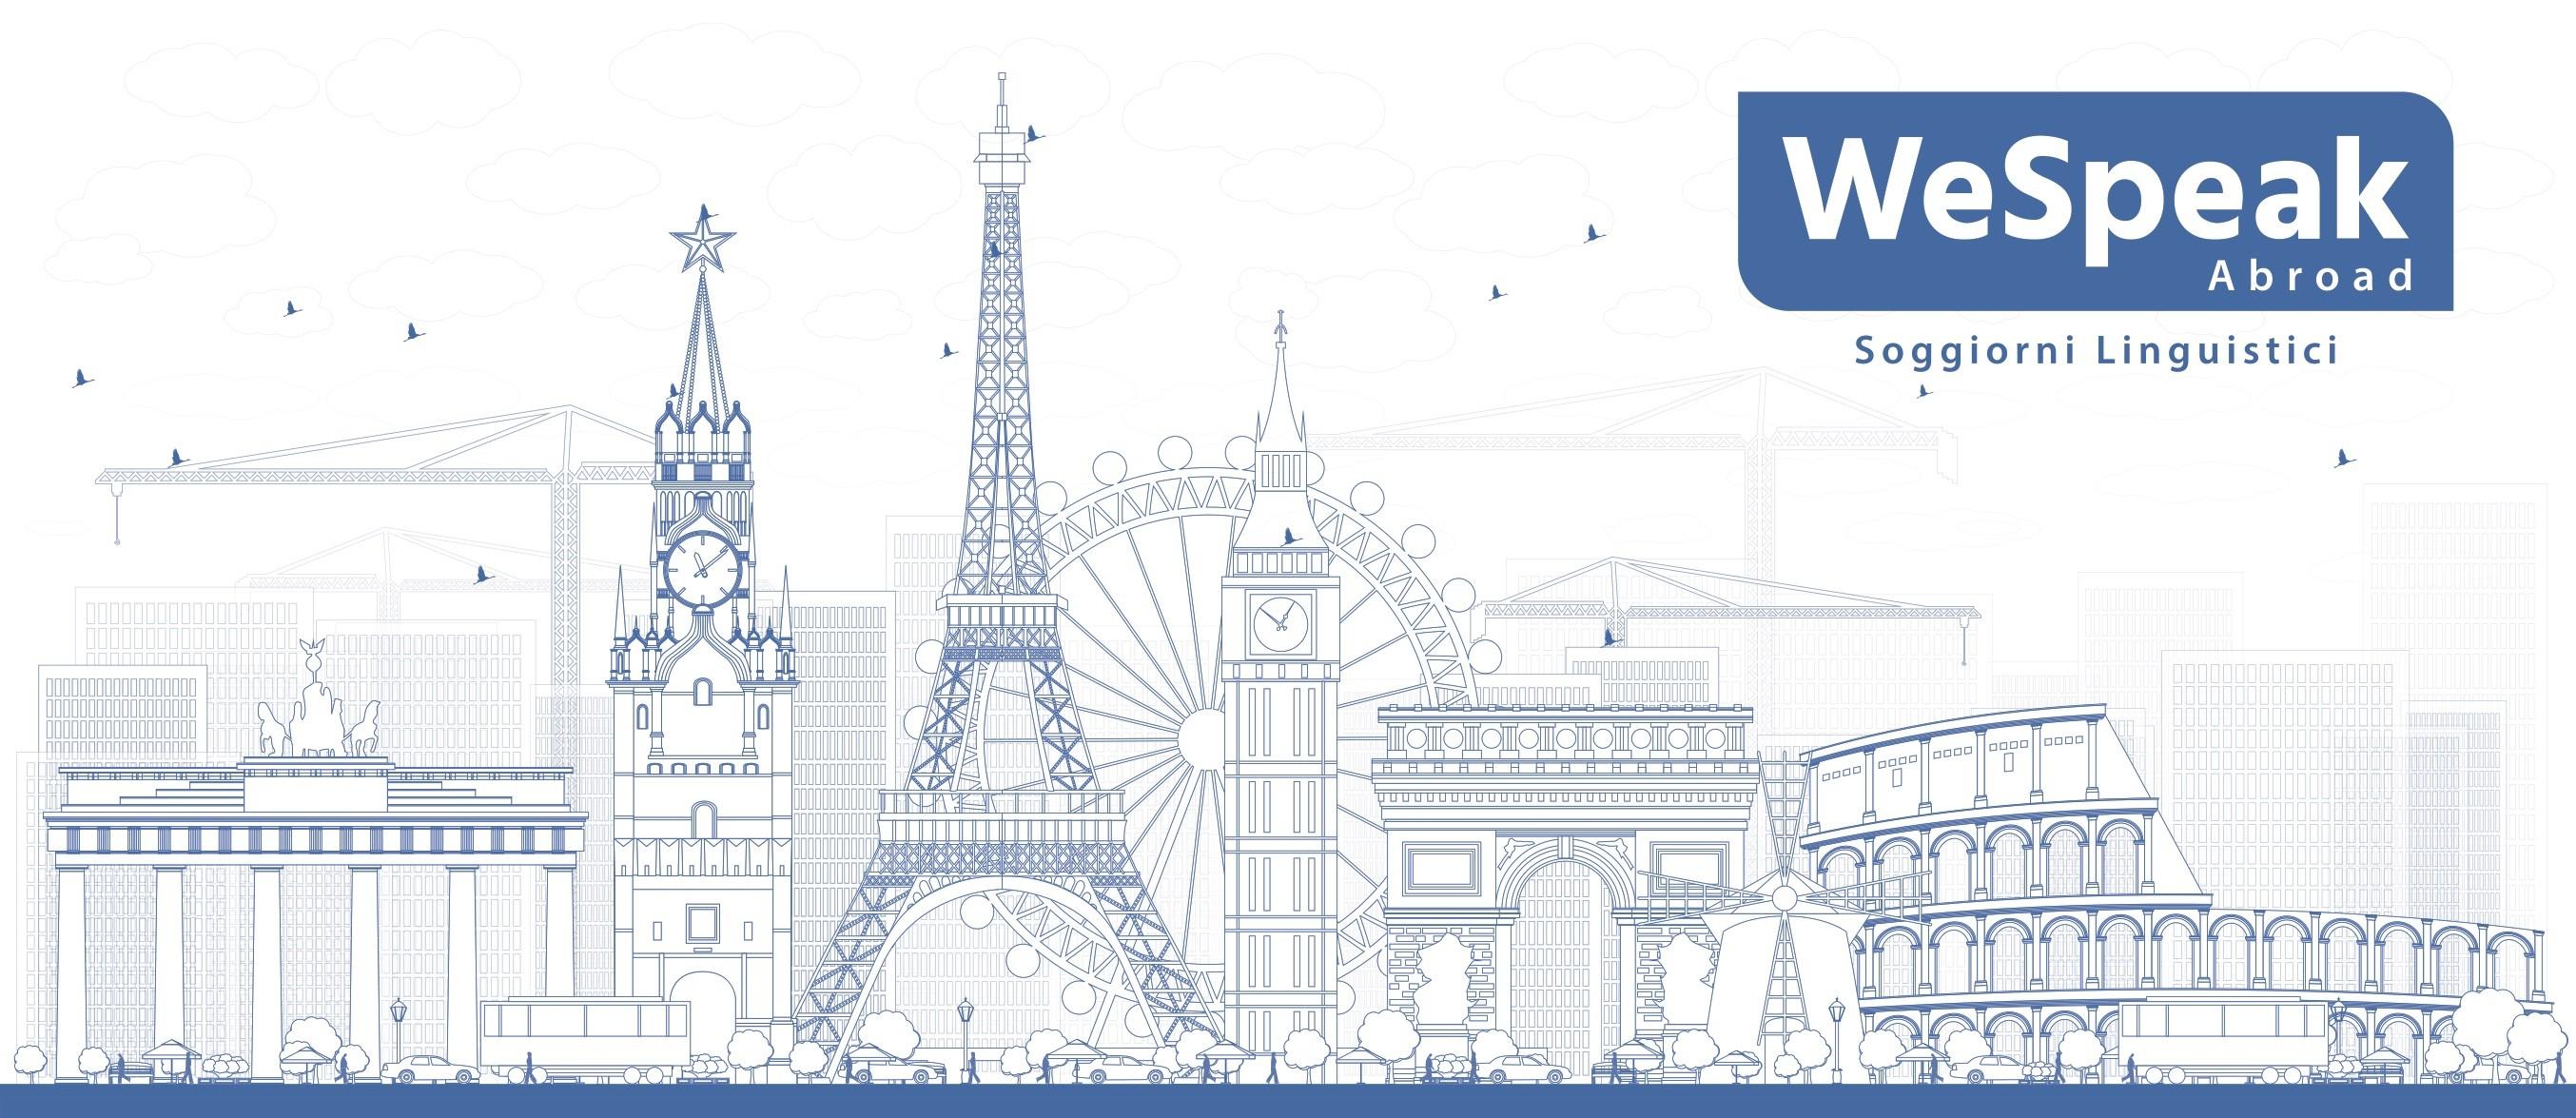 WeSpeak - Scuola di lingue - Soggiorni studio | LinkedIn